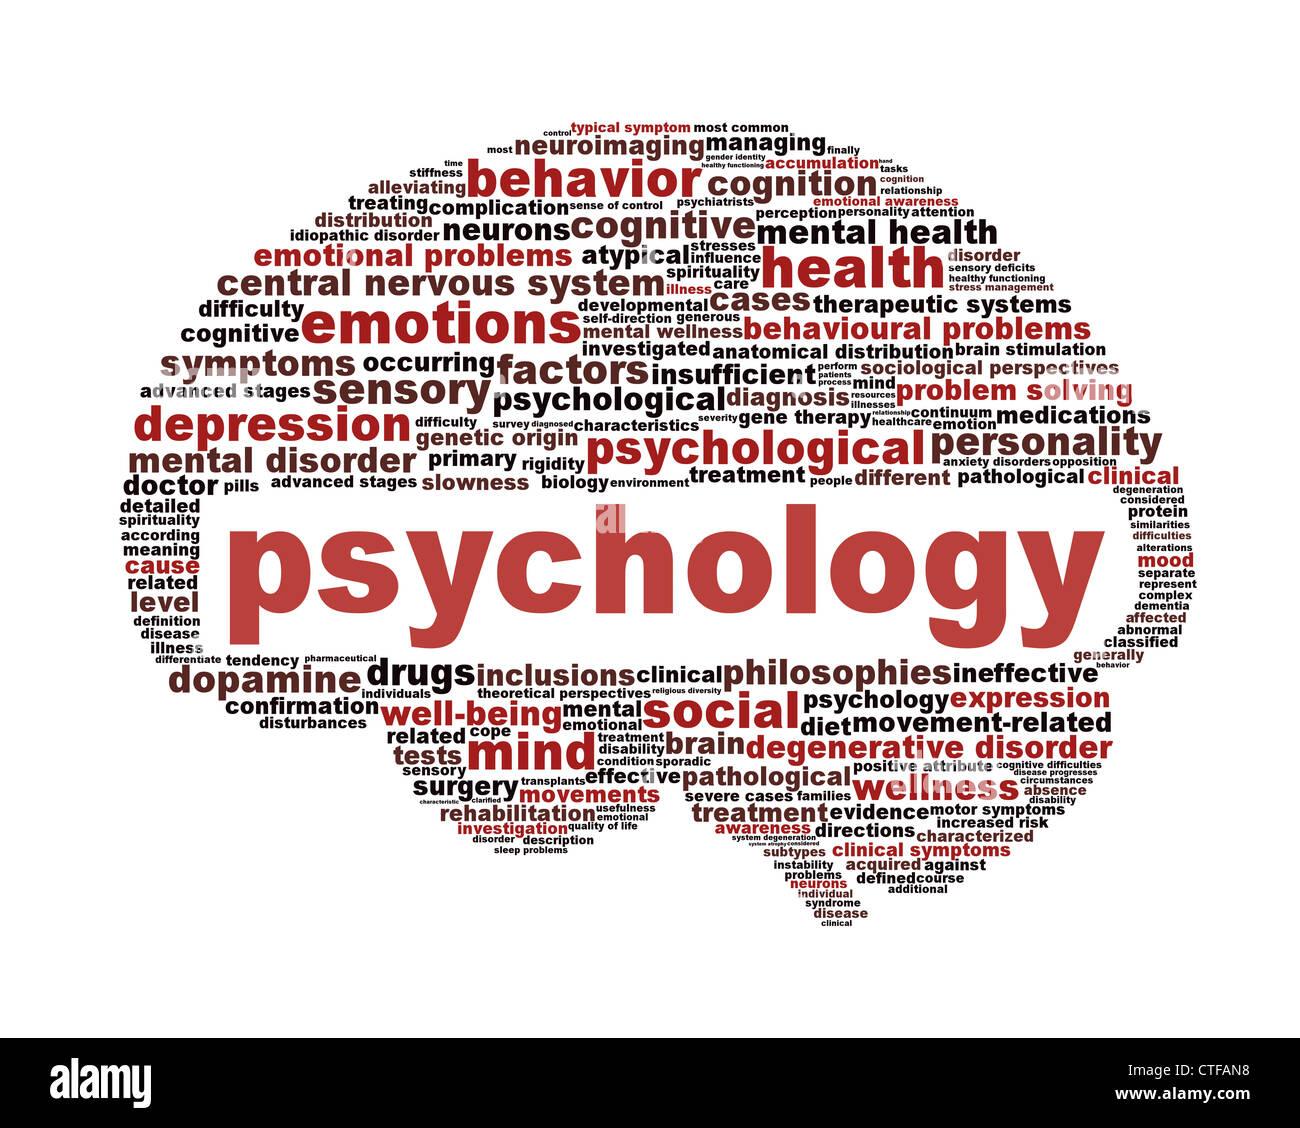 Psychology Symbol Isolated On White Stock Photo 49510196 Alamy